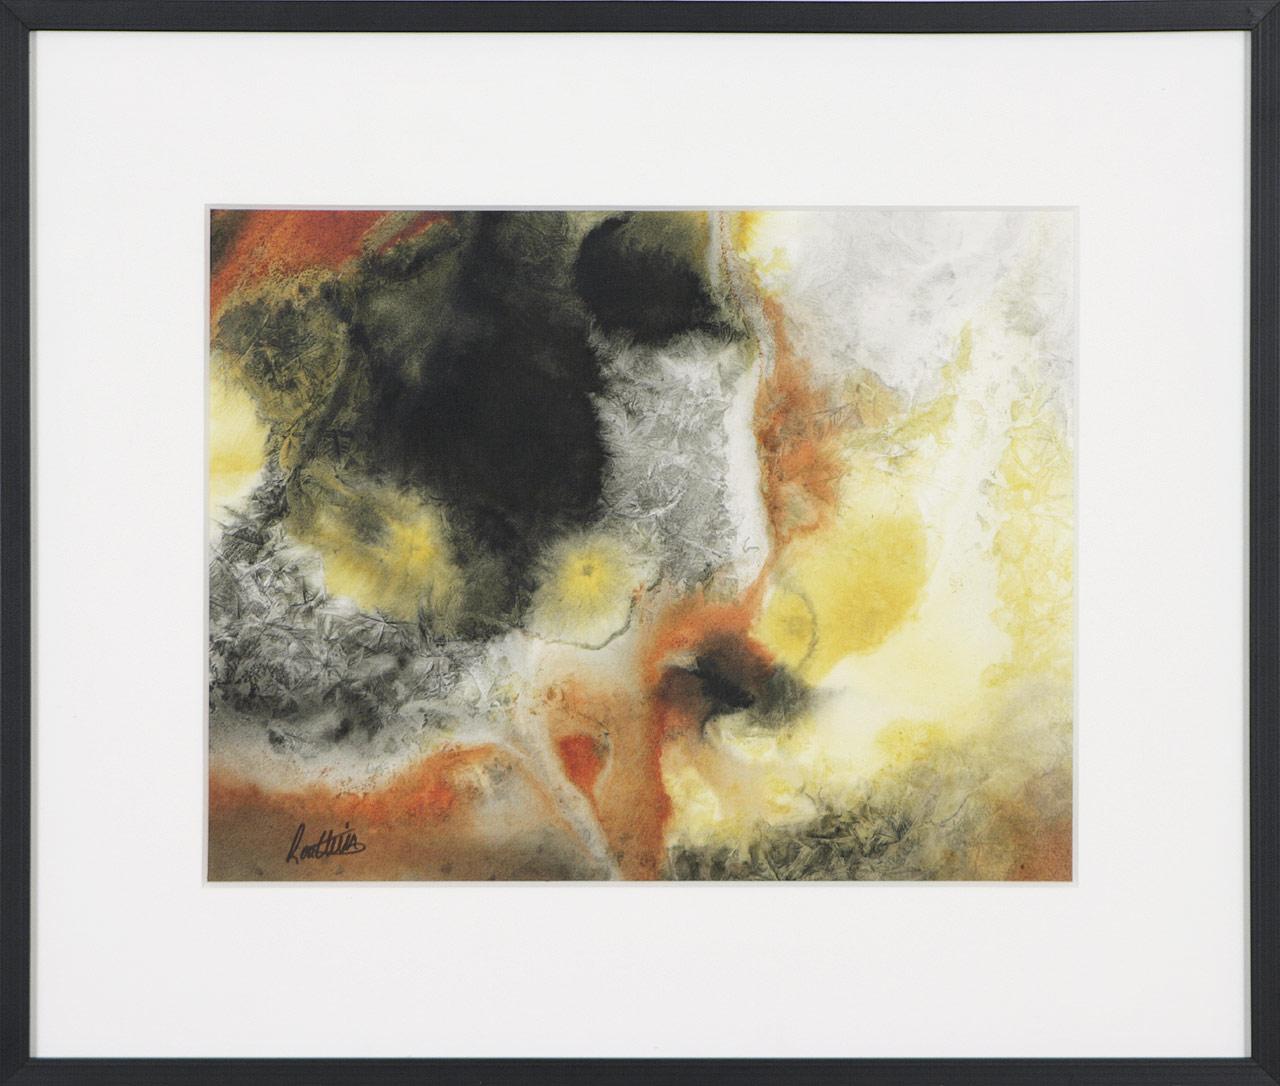 Fracturation 4, 2014. Hélène Routhier. Encre et acrylique sur papier. 44,5 x 52 cm. © L'Artothèque